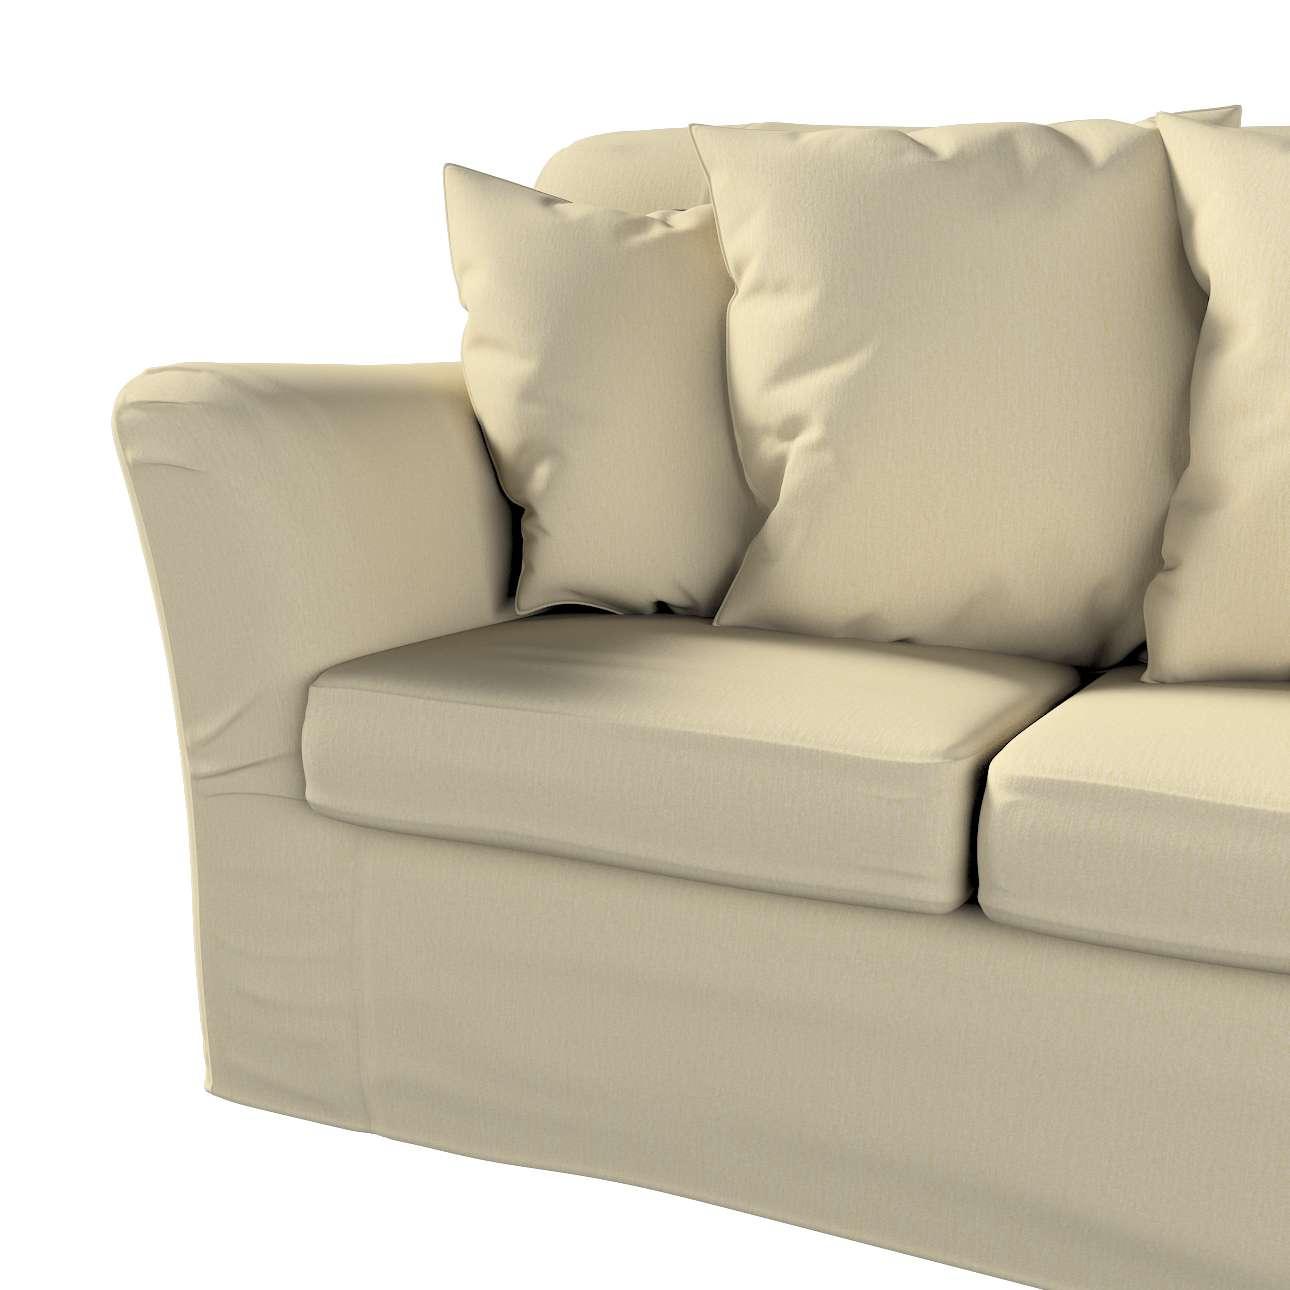 Pokrowiec na sofę Tomelilla 3-osobową nierozkładaną w kolekcji Chenille, tkanina: 702-22